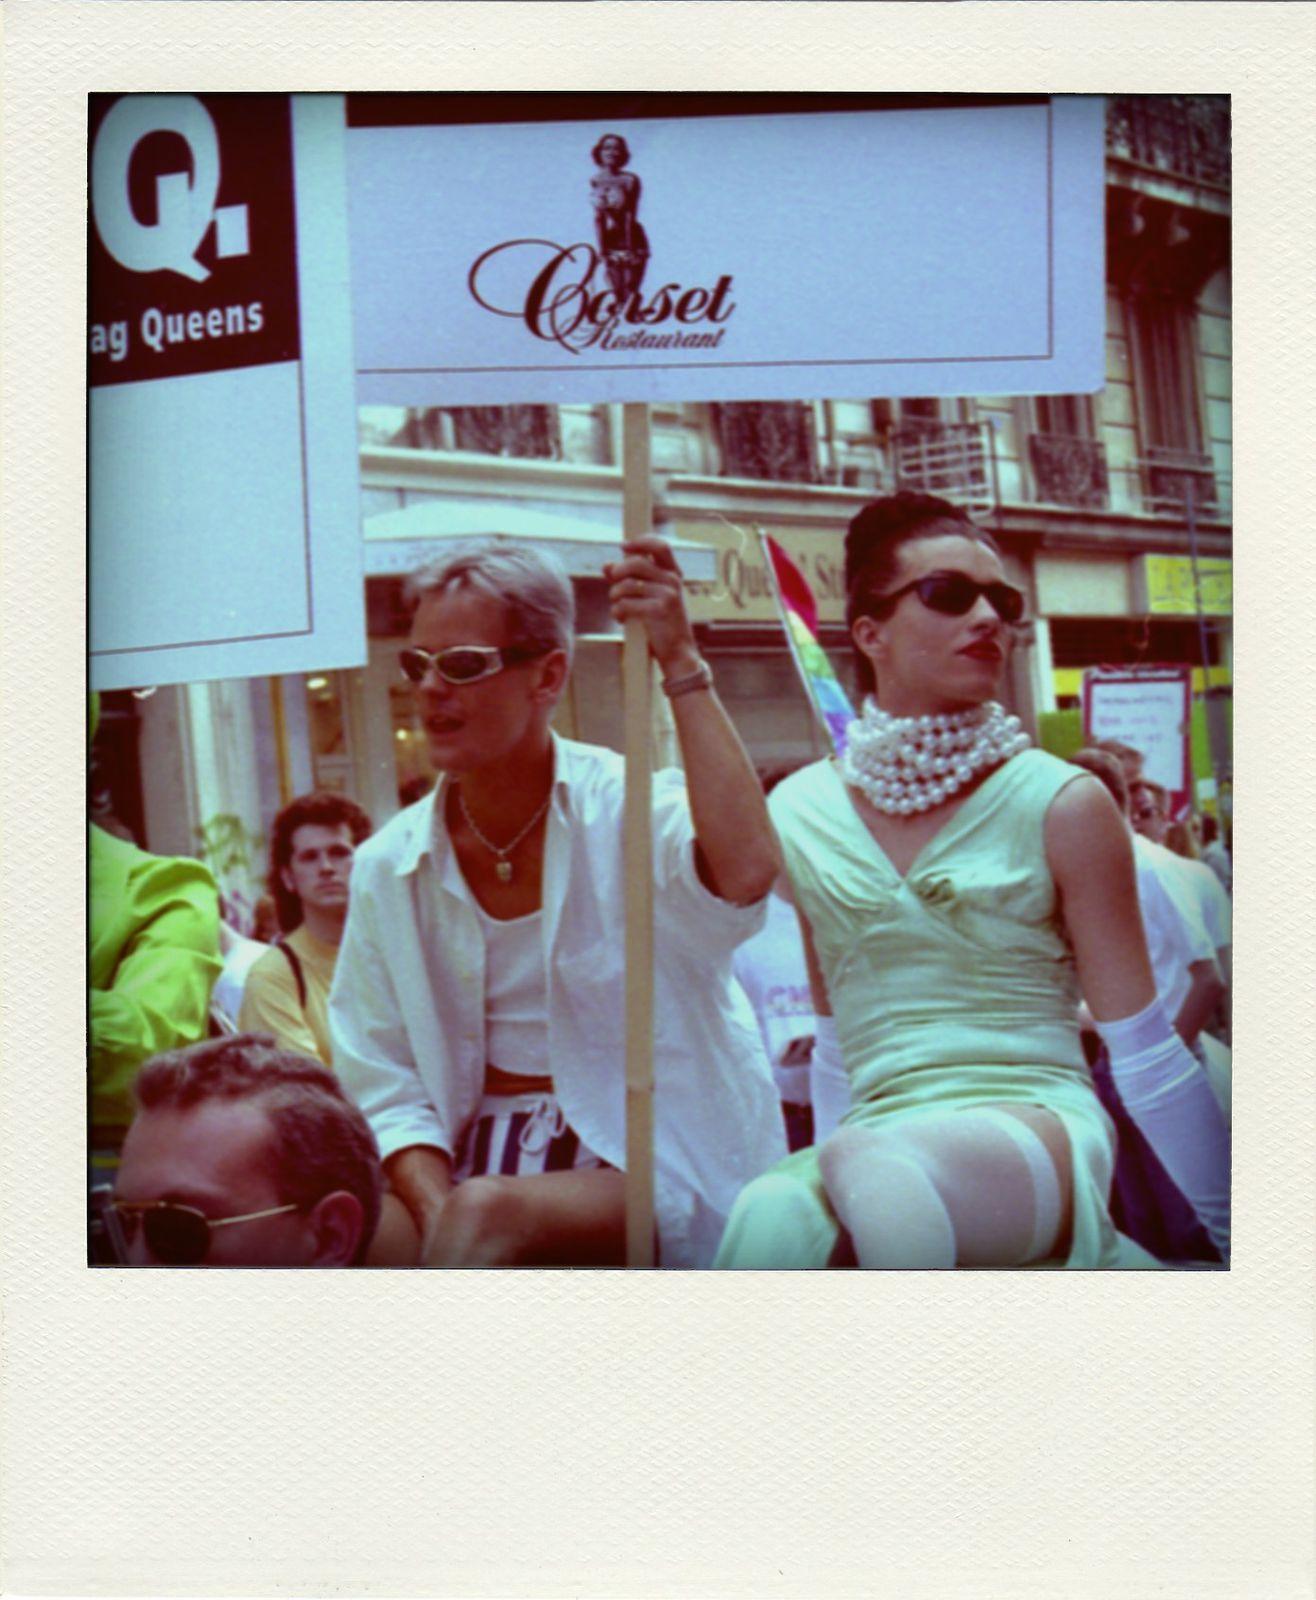 19950624-PARIS-Manif-de-la-Gay-Pride002-pola.jpg